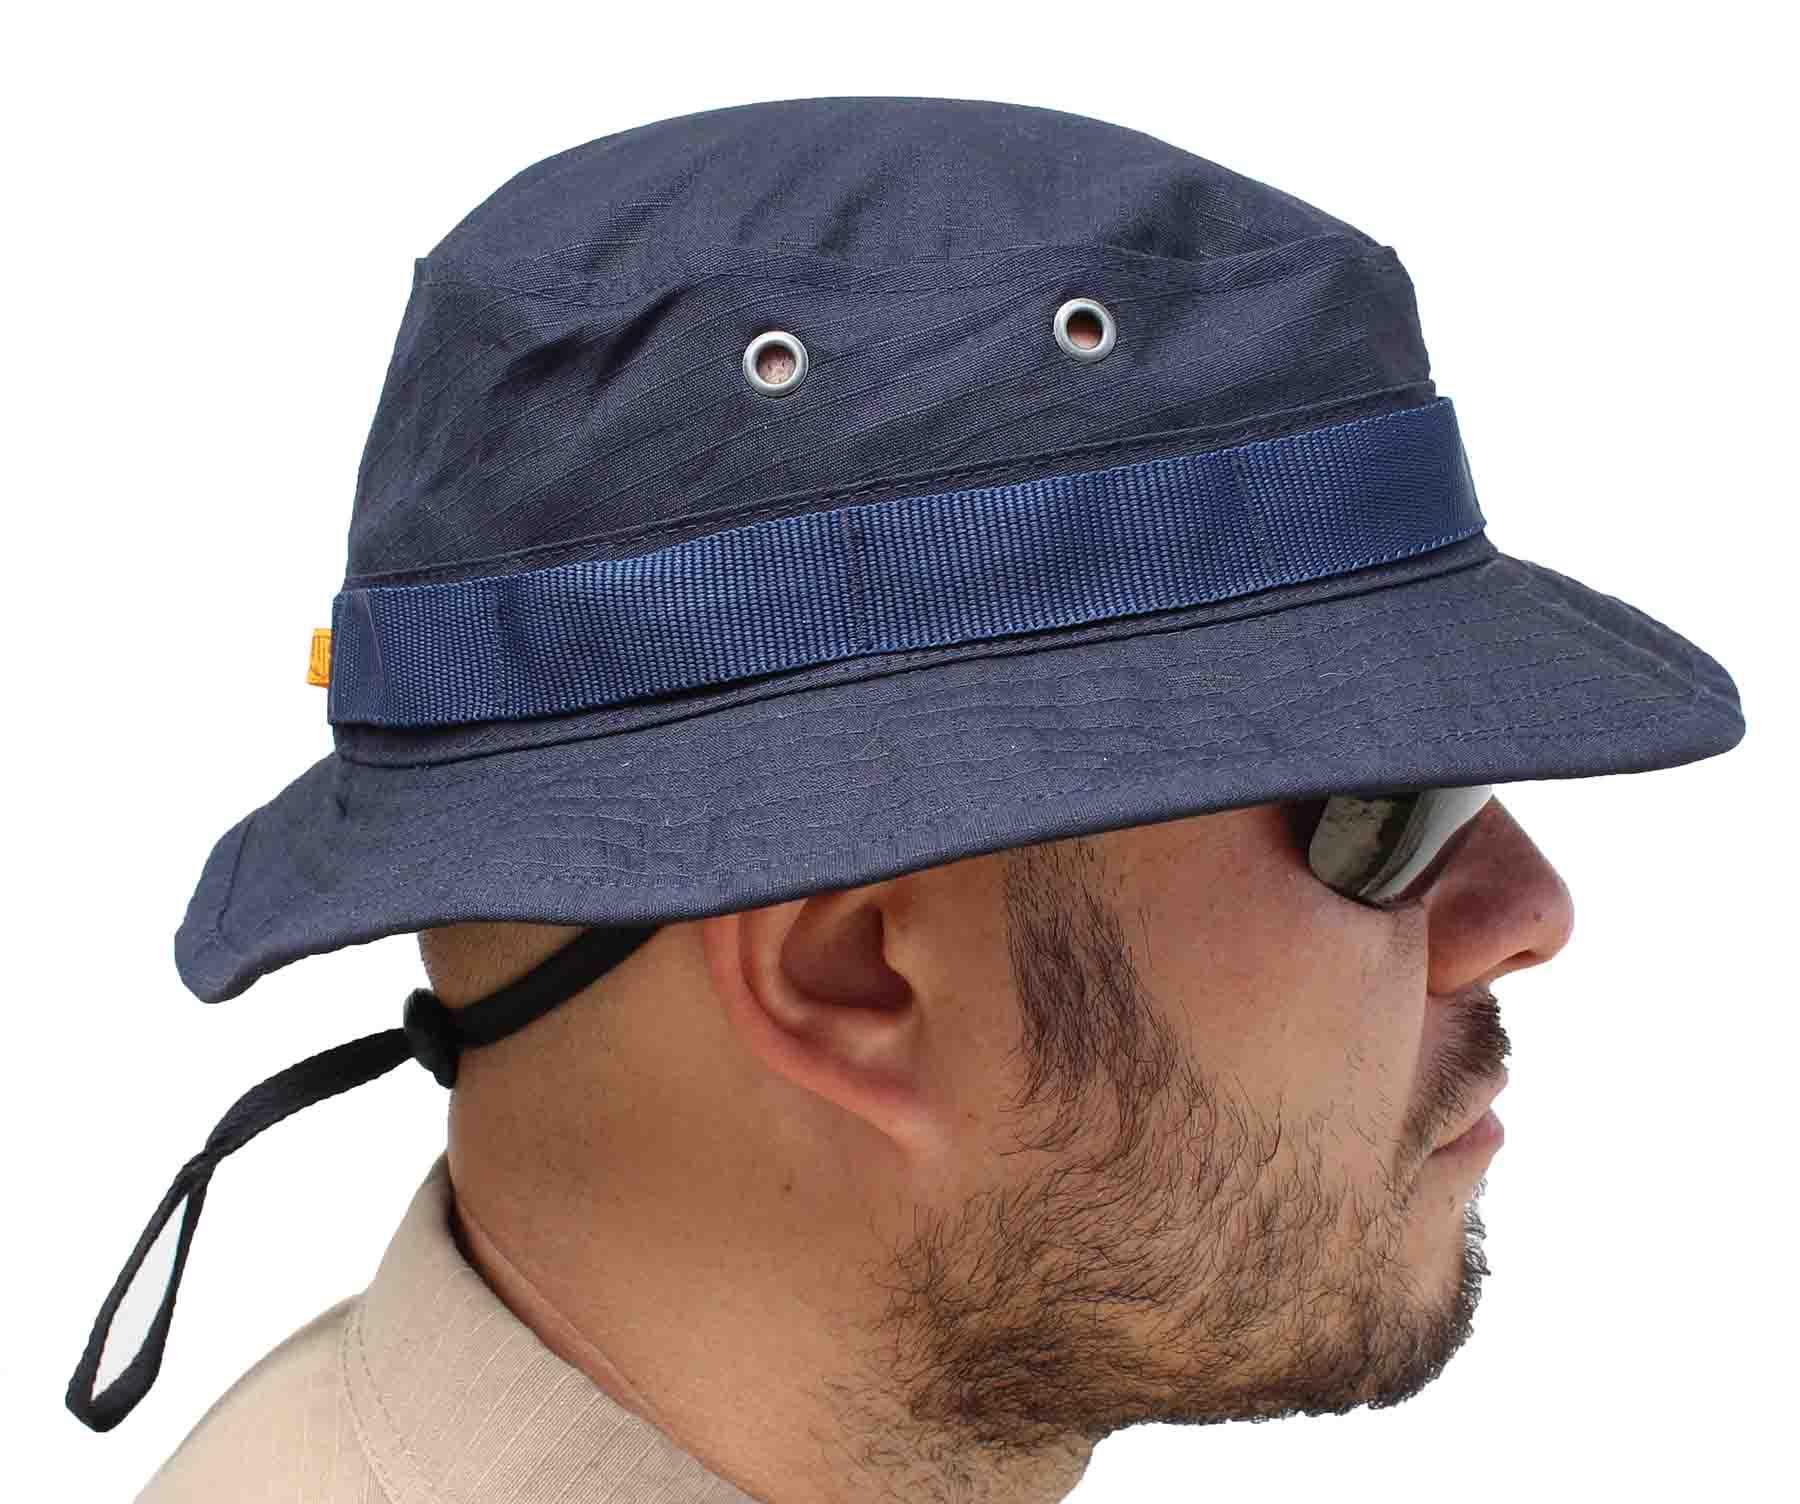 Bonnie Hat - Azul (Policia Rodoviaria)